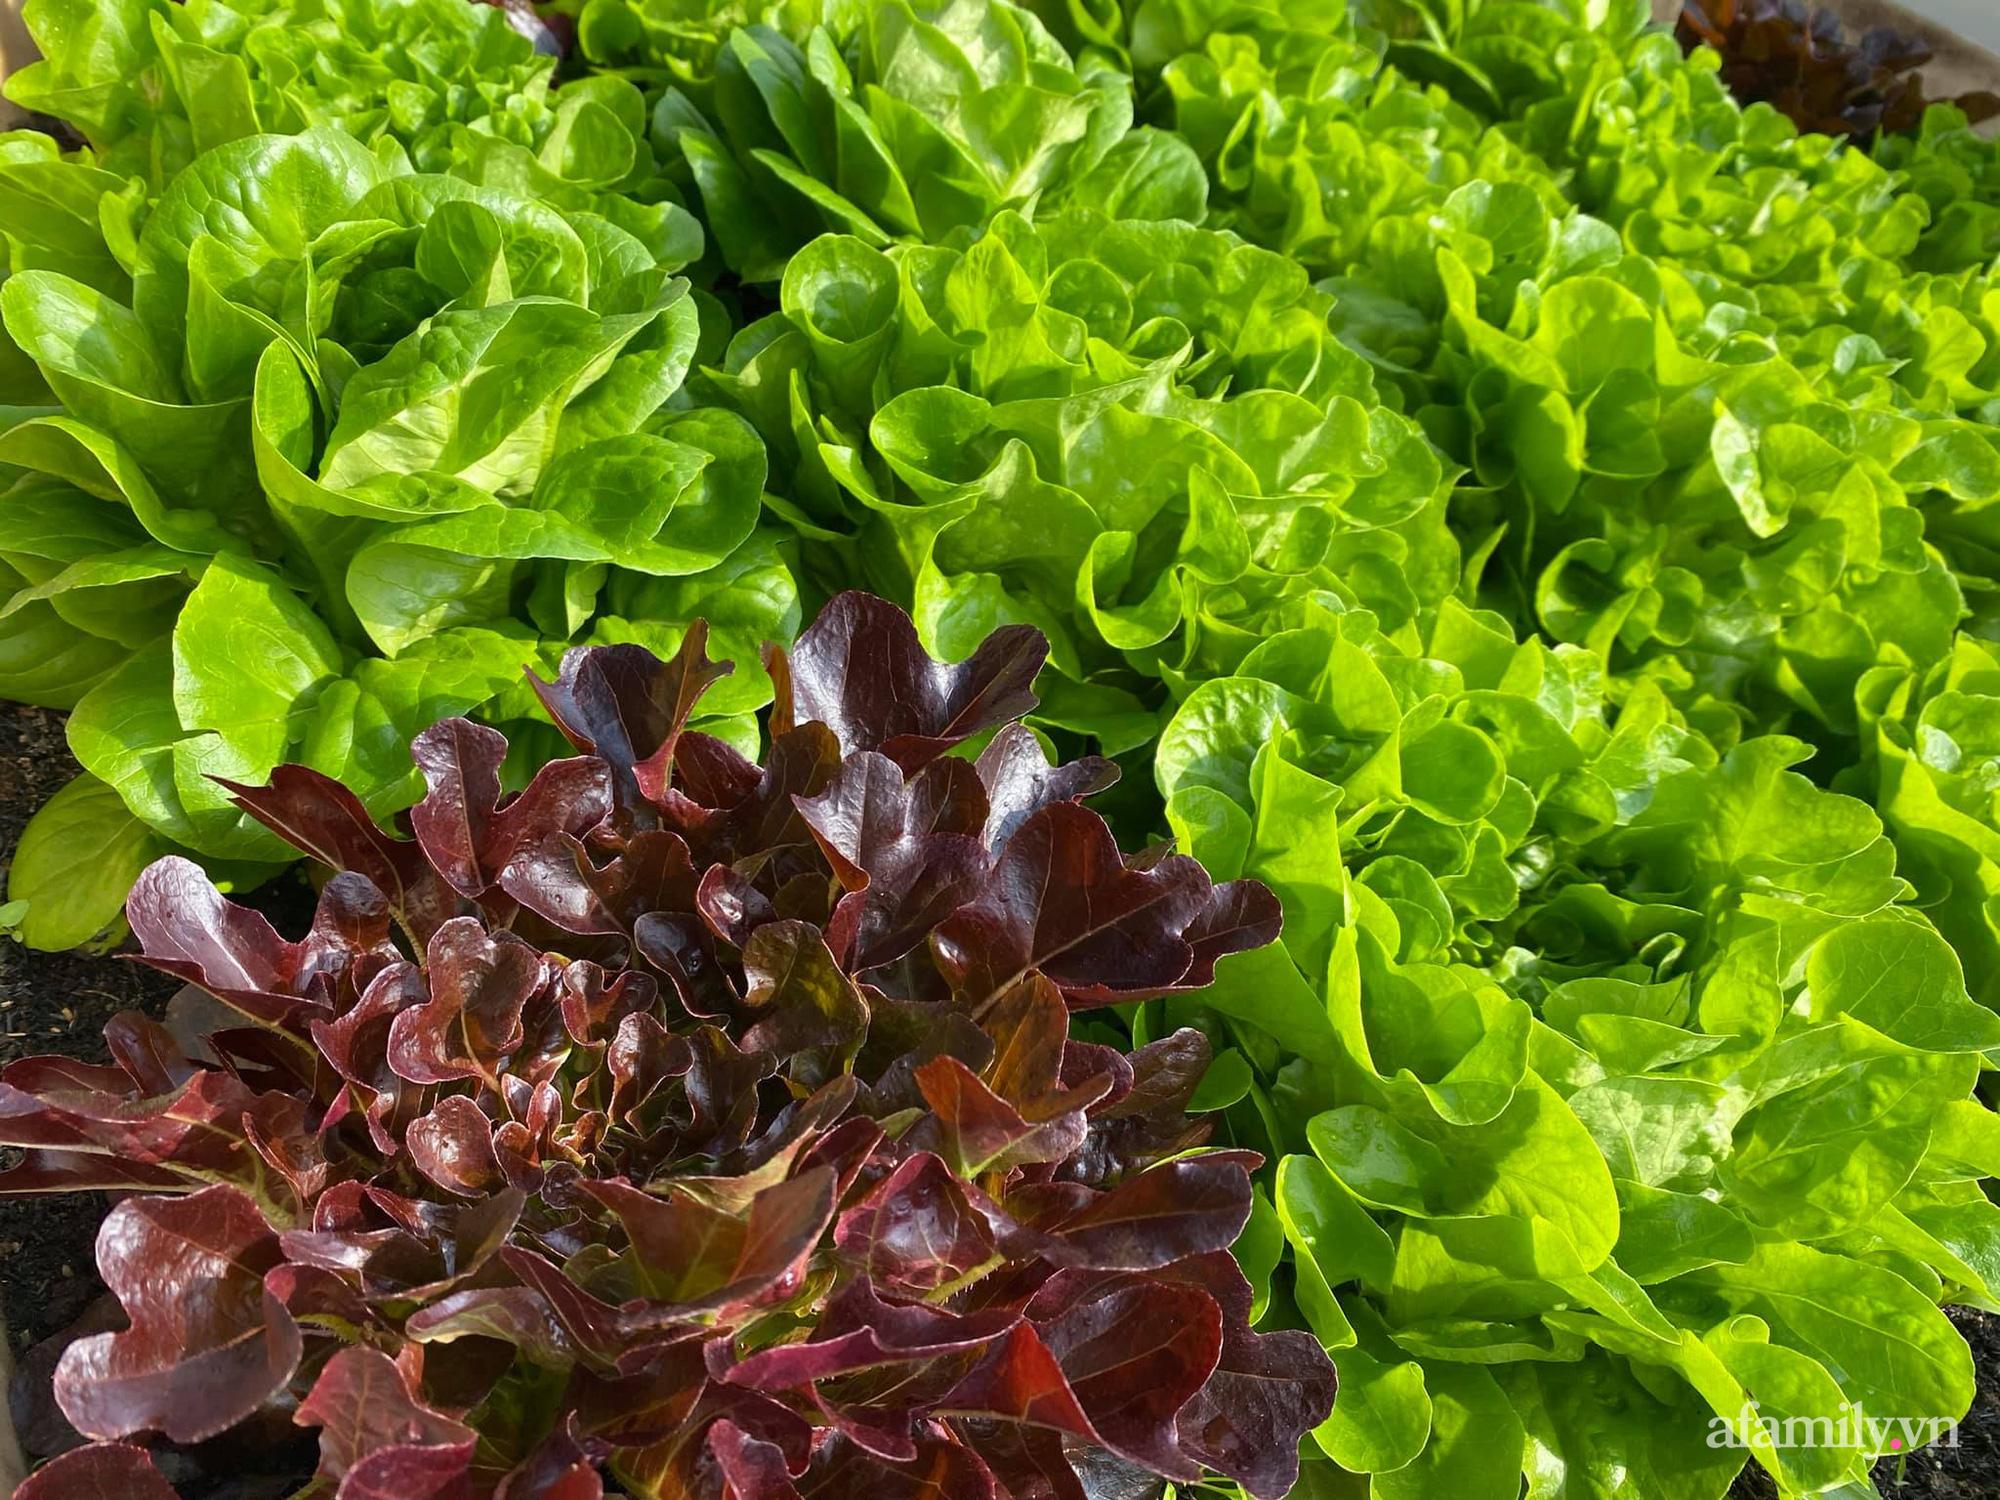 Giãn cách không ra khỏi nhà vẫn đủ rau quả thưởng thức nhờ vườn cây xanh um trên sân thượng ở Đà Nẵng - Ảnh 14.